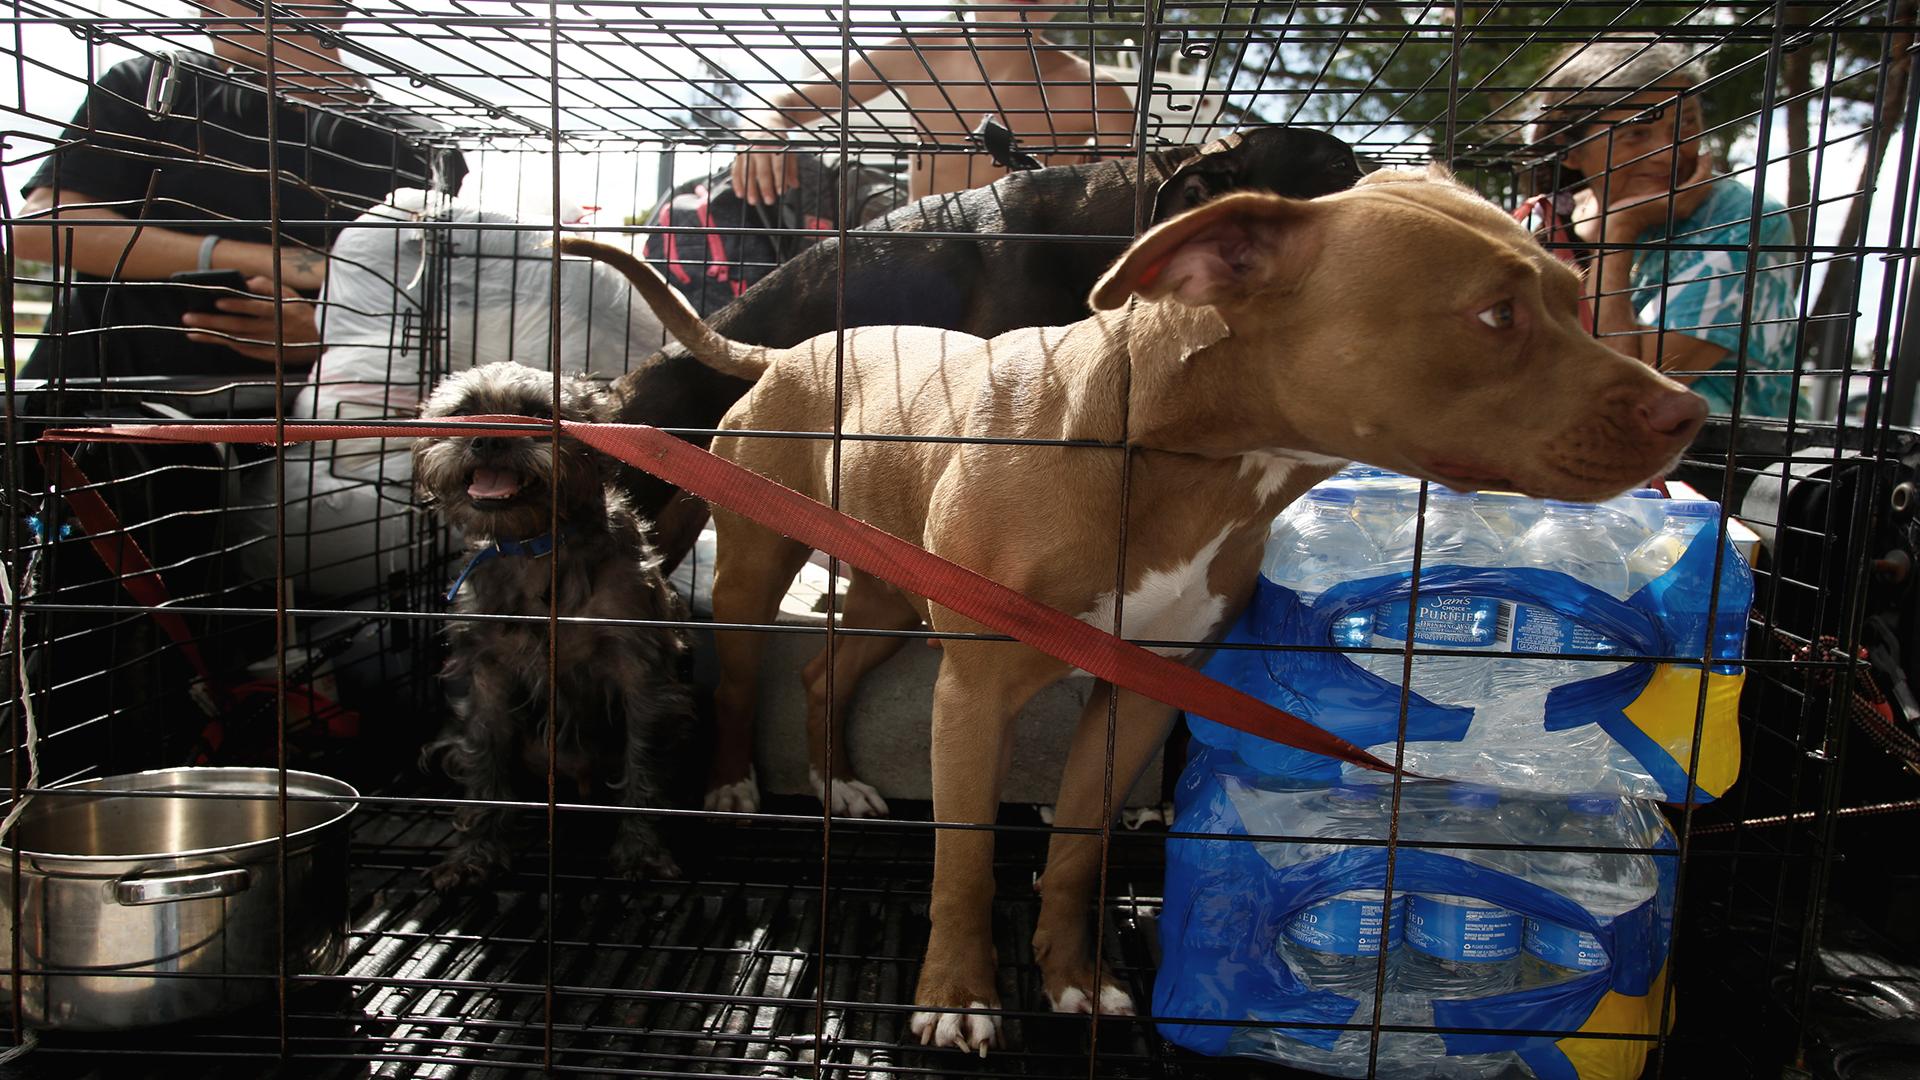 Dog hurricane_1553014881208.jpg-846652698.jpg